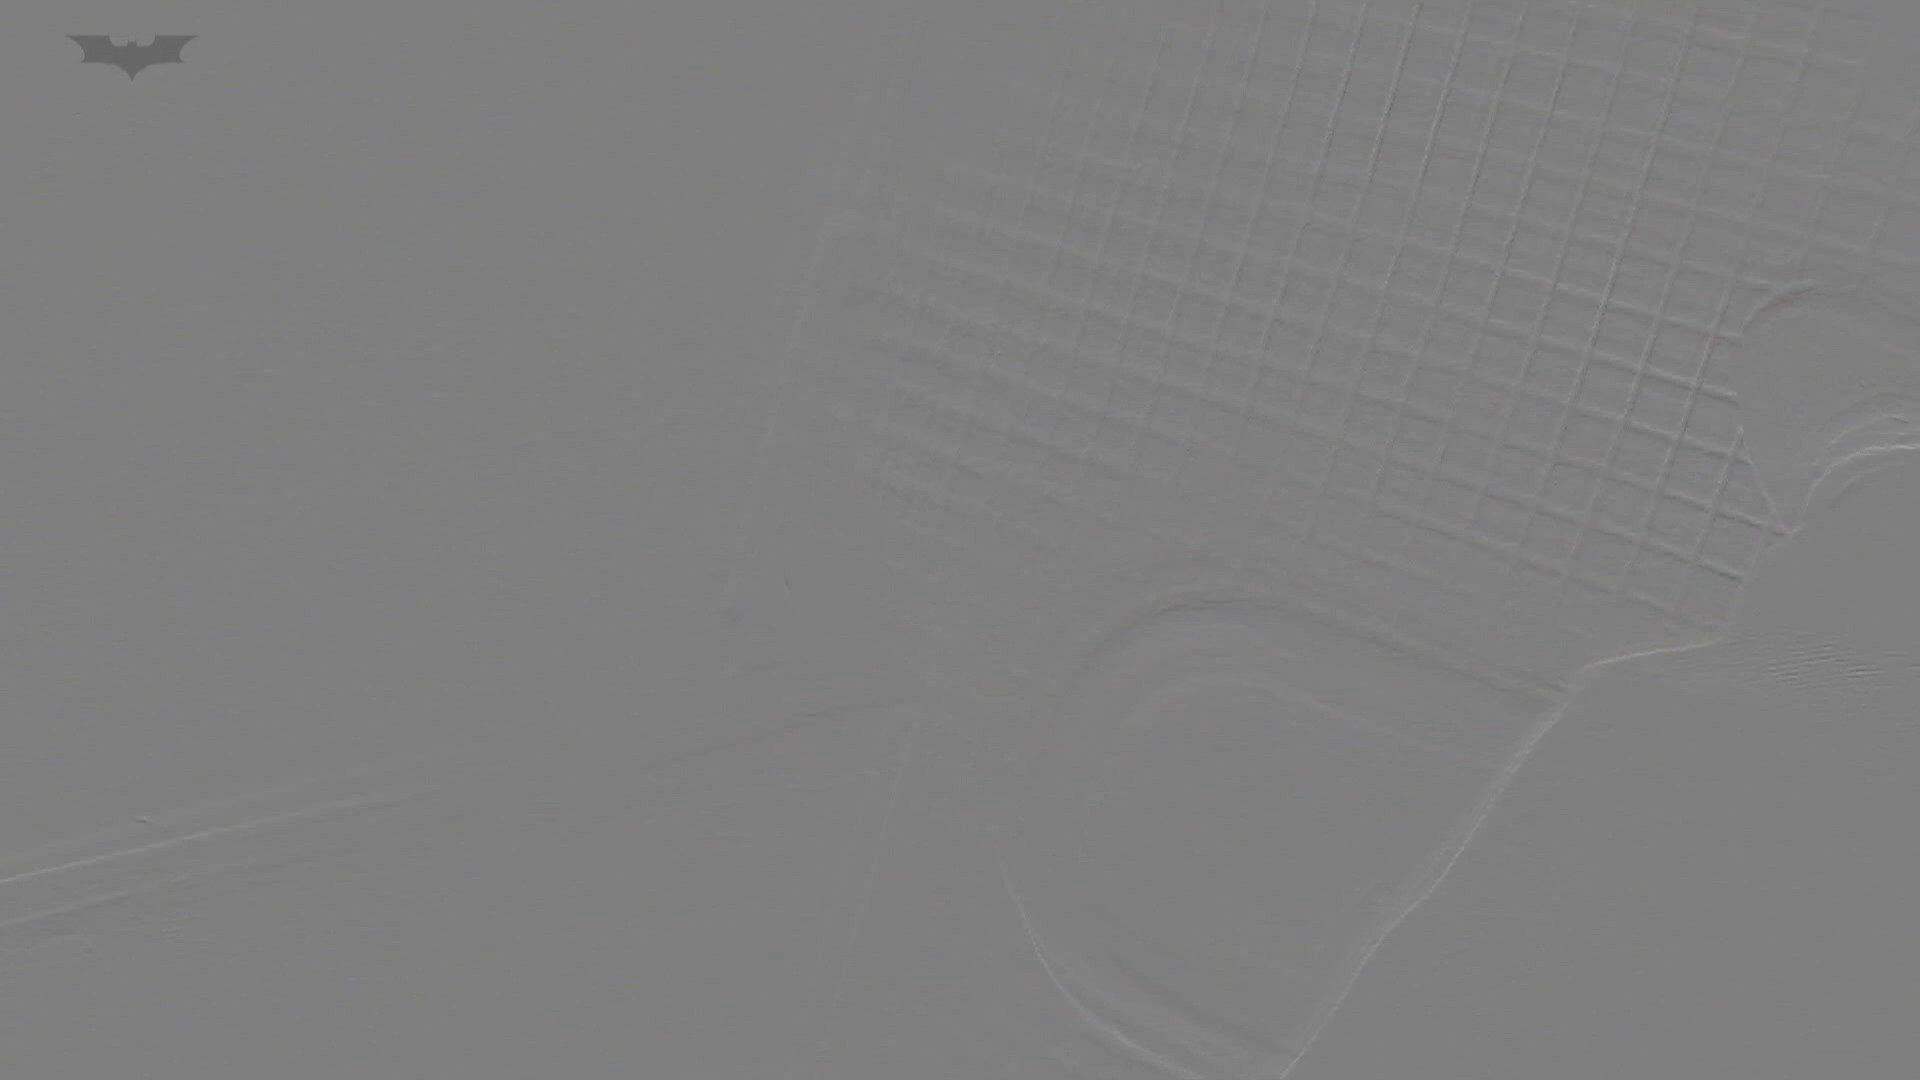 ▲復活限定D▲第三体育館潜入撮File018 夏帆に激似現役の未開発の下を 洗面所のぞき おめこ無修正動画無料 96枚 38